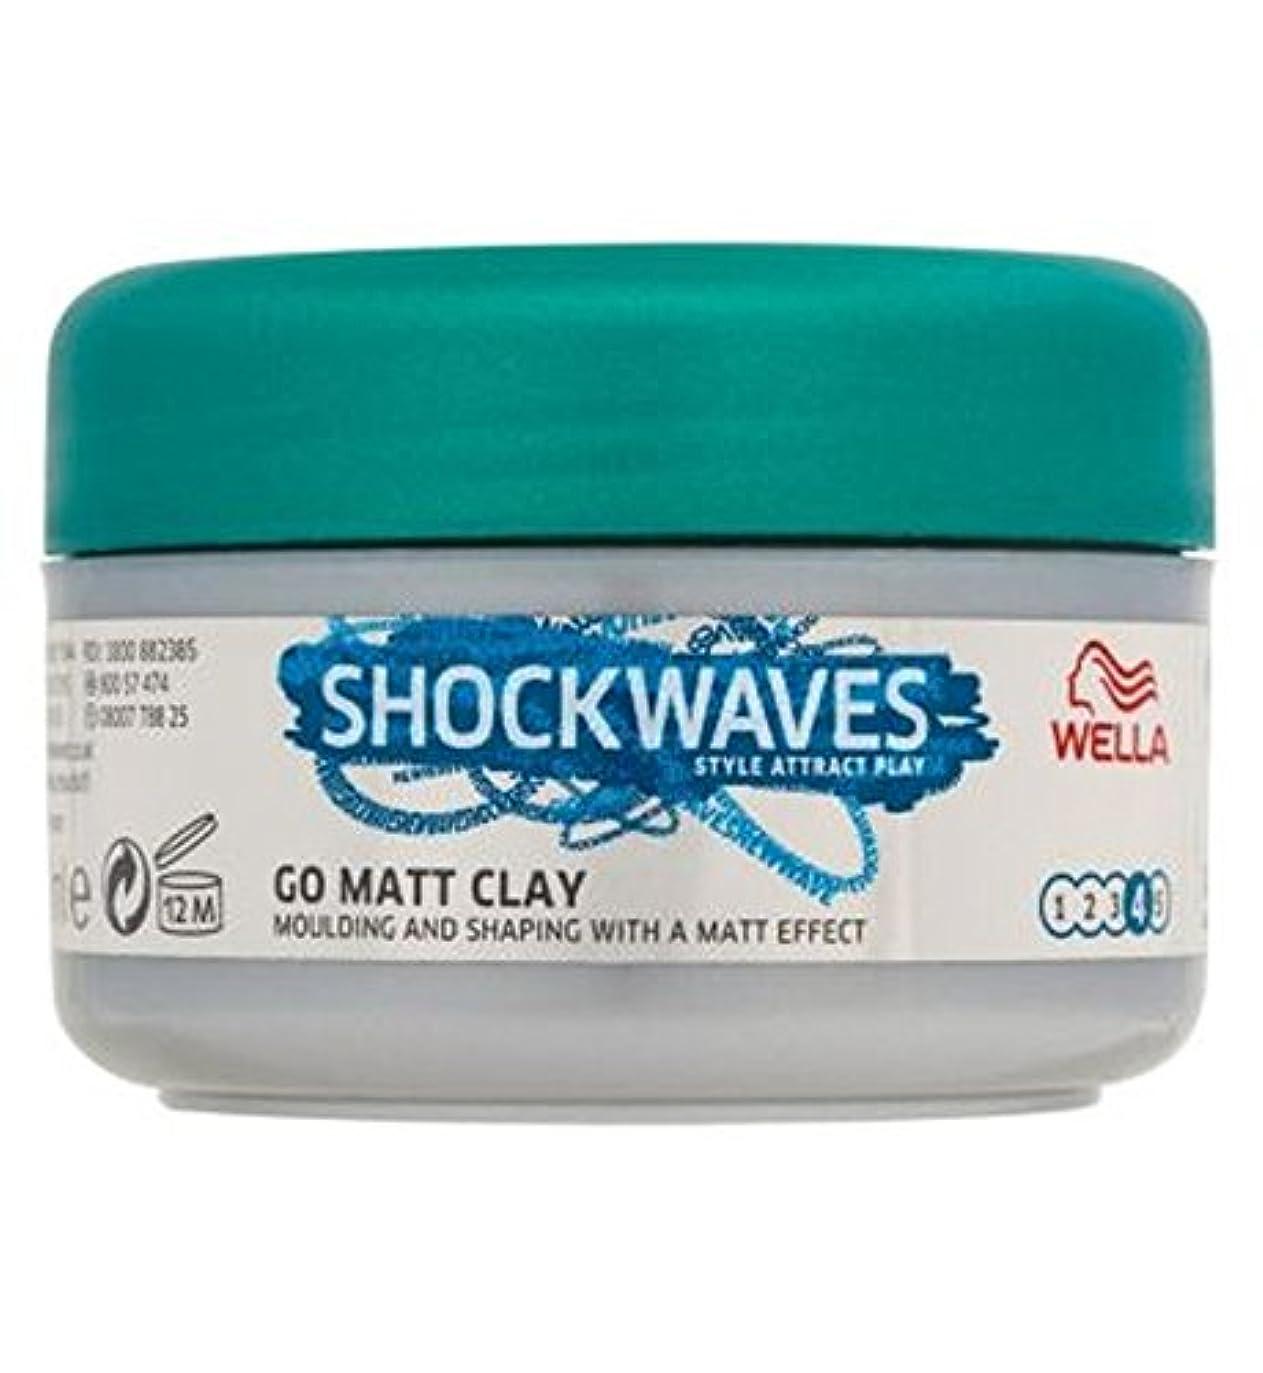 盗賊オゾン逆Wella Shockwaves Extrovert Go Matt Clay 75ml - ウエラの衝撃波の外向性はマット粘土75ミリリットルを行きます (Wella Shockwaves) [並行輸入品]